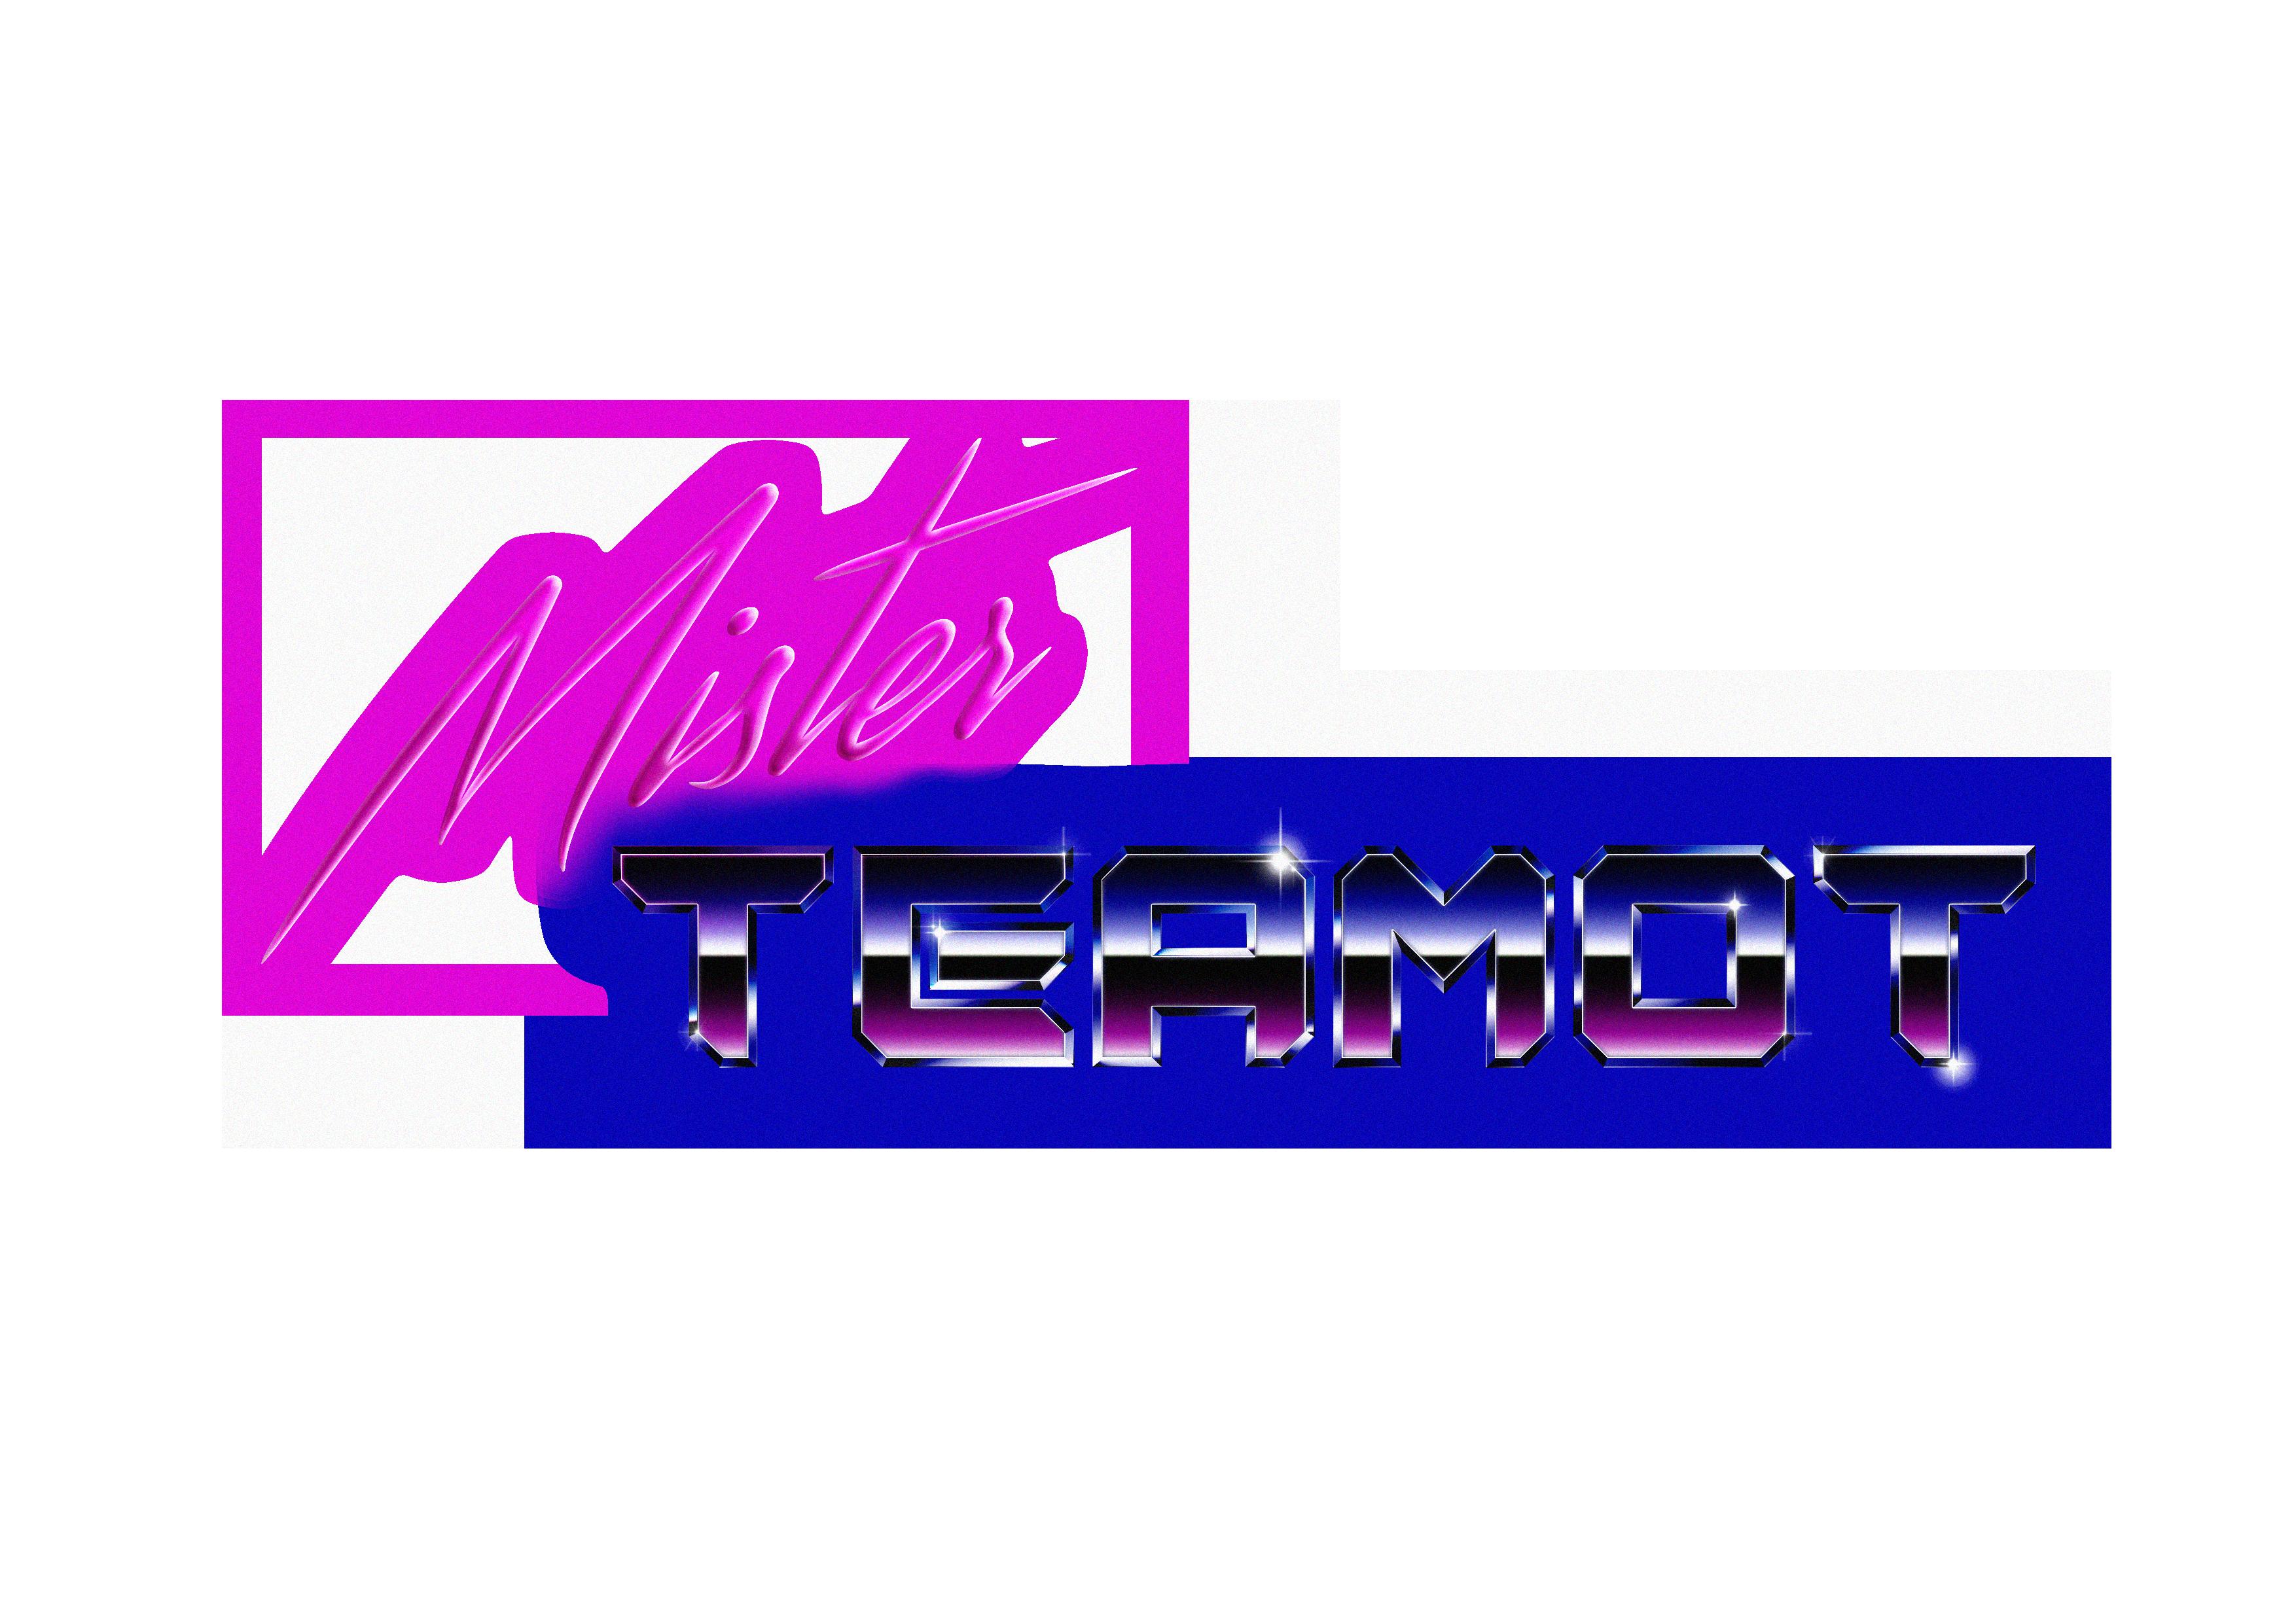 Mister Teamot